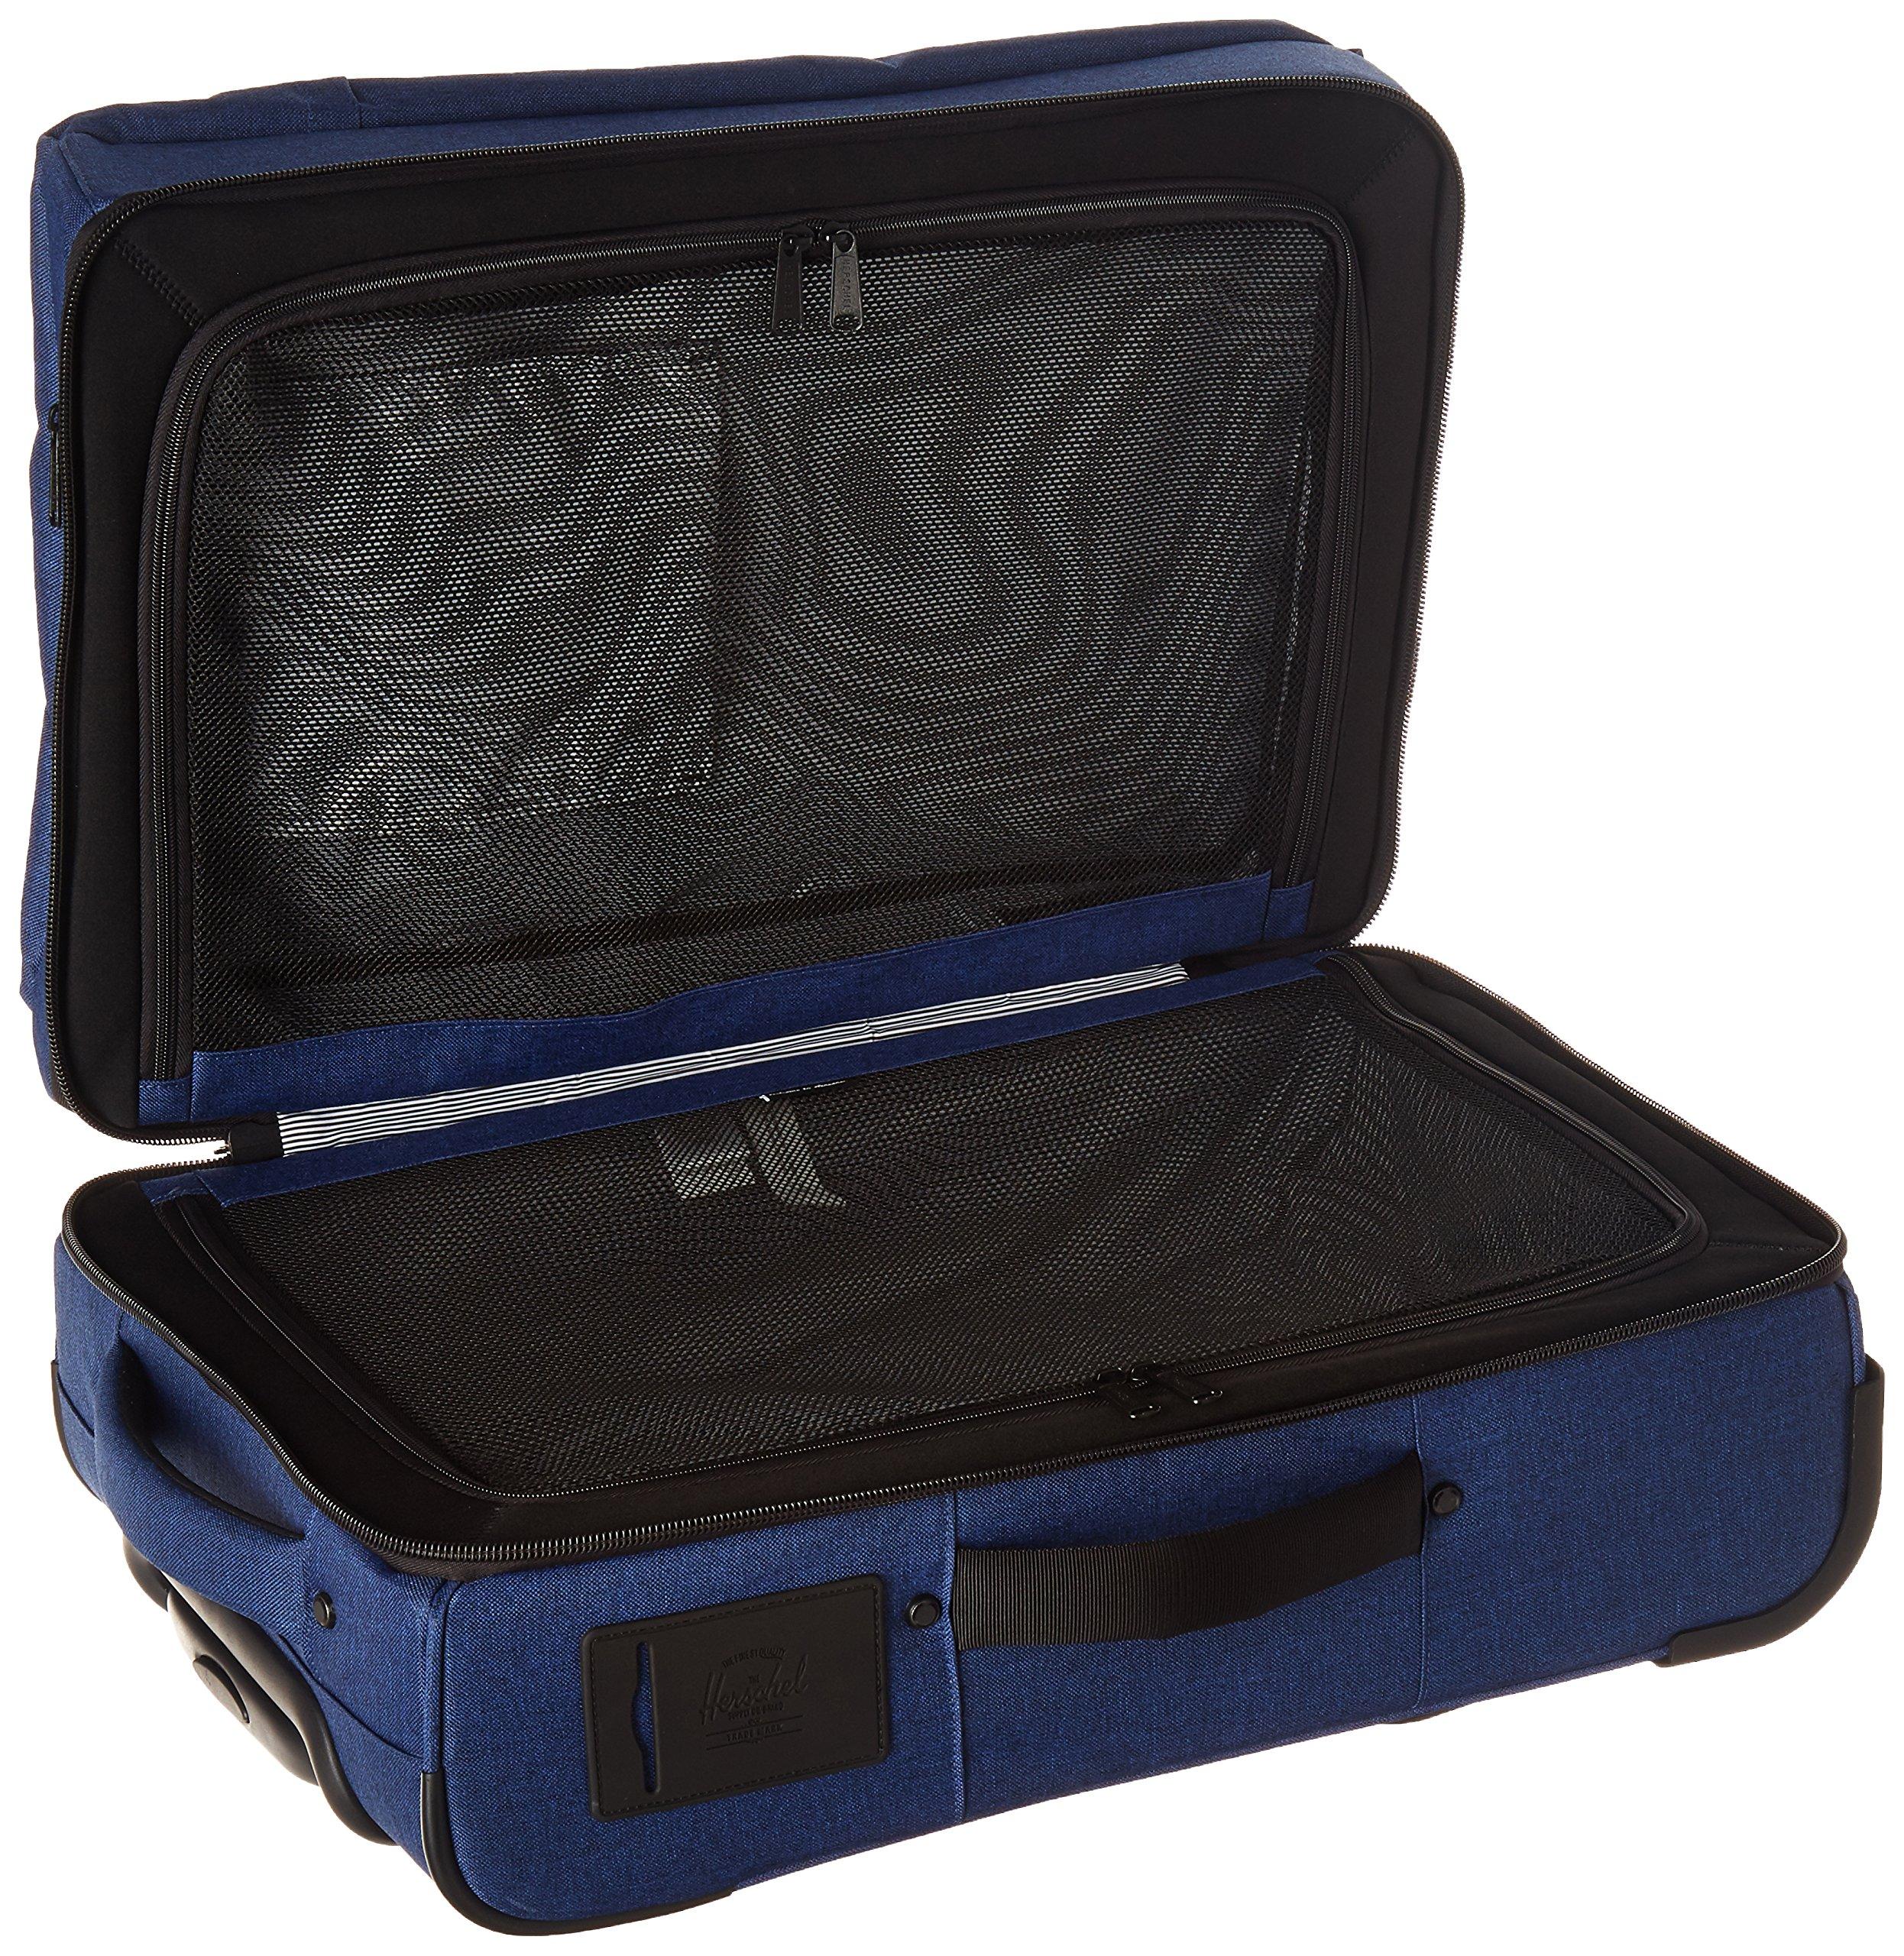 Herschel-Travel-Collection-Campaign-2-Rollen-Trolley-60-cm-Eclipse